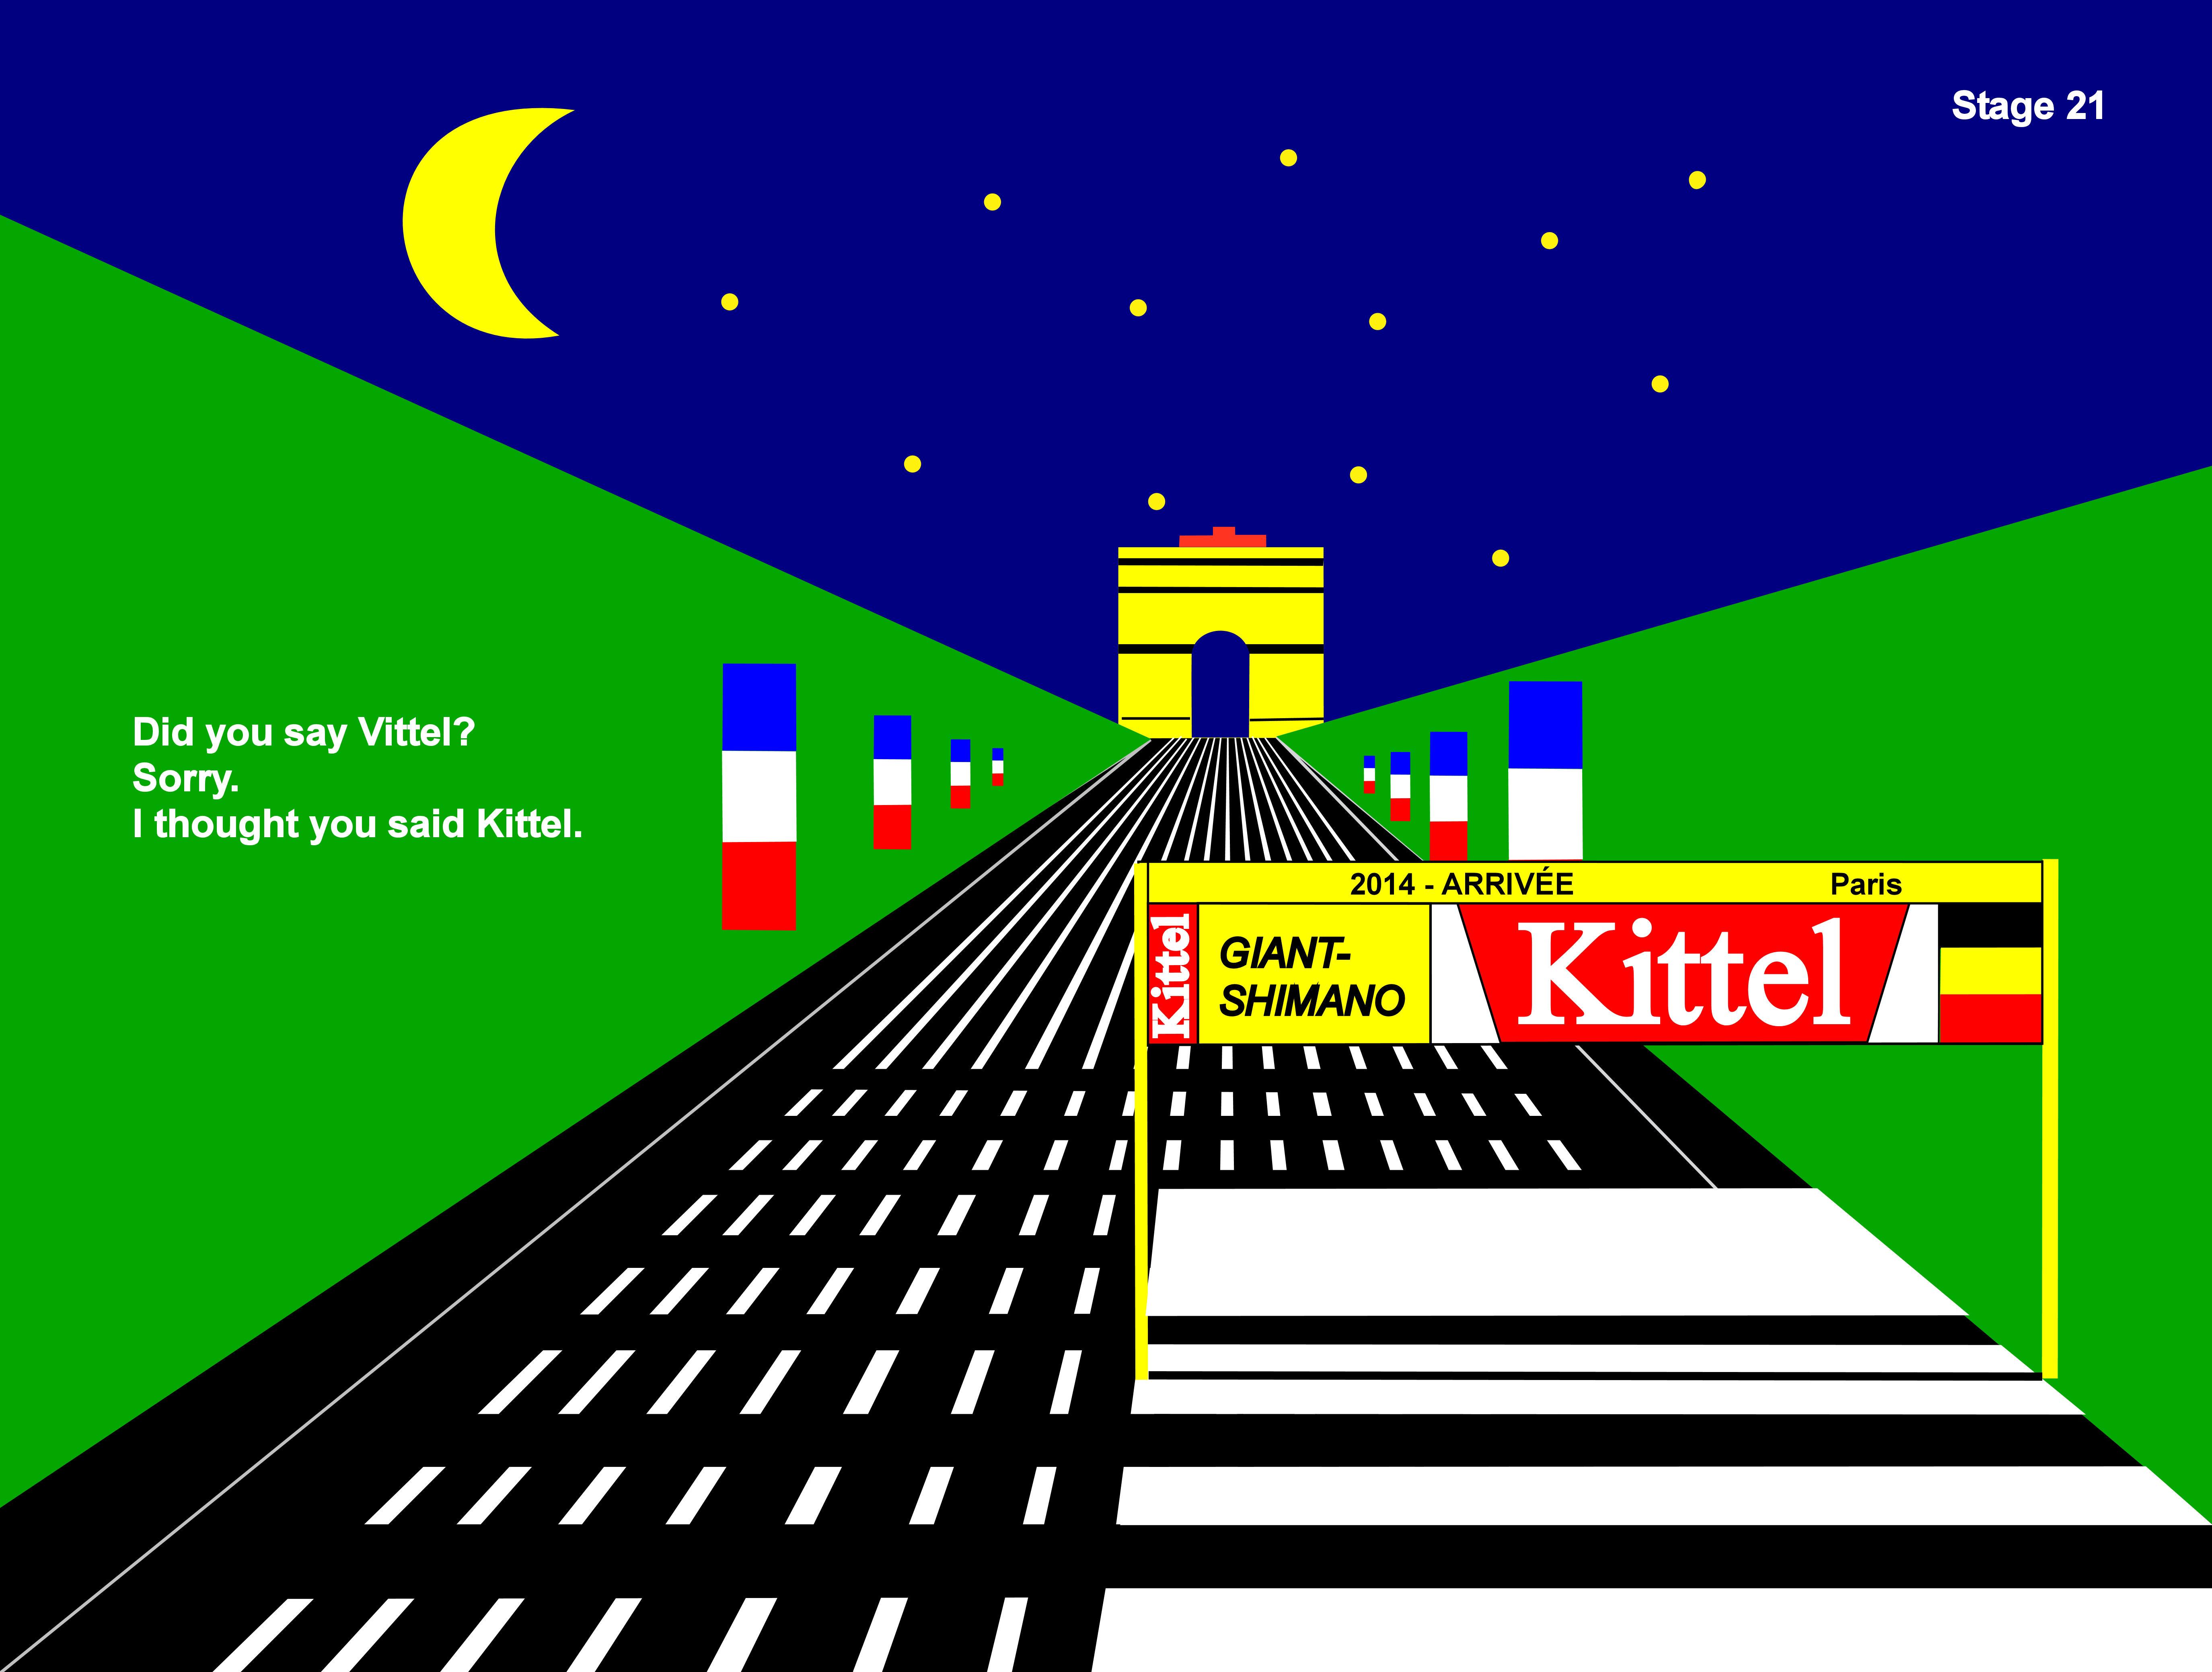 Évry, Paris Champs-Élysées,                                     vittel, kittel, stage 21, July 27th,                                     Tour de France 2014, Tour de France,                                     Paris, Champs Elysees, l'Arc de                                     Triomphe, Évry, Paris                                     Champs-Élysées, Vittel, Kittel,                                     étape 21, le 27 Juillet, Tour de                                     France 2014, Tour de France, Paris,                                     Champs-Elysées, l'Arc de Triomphe